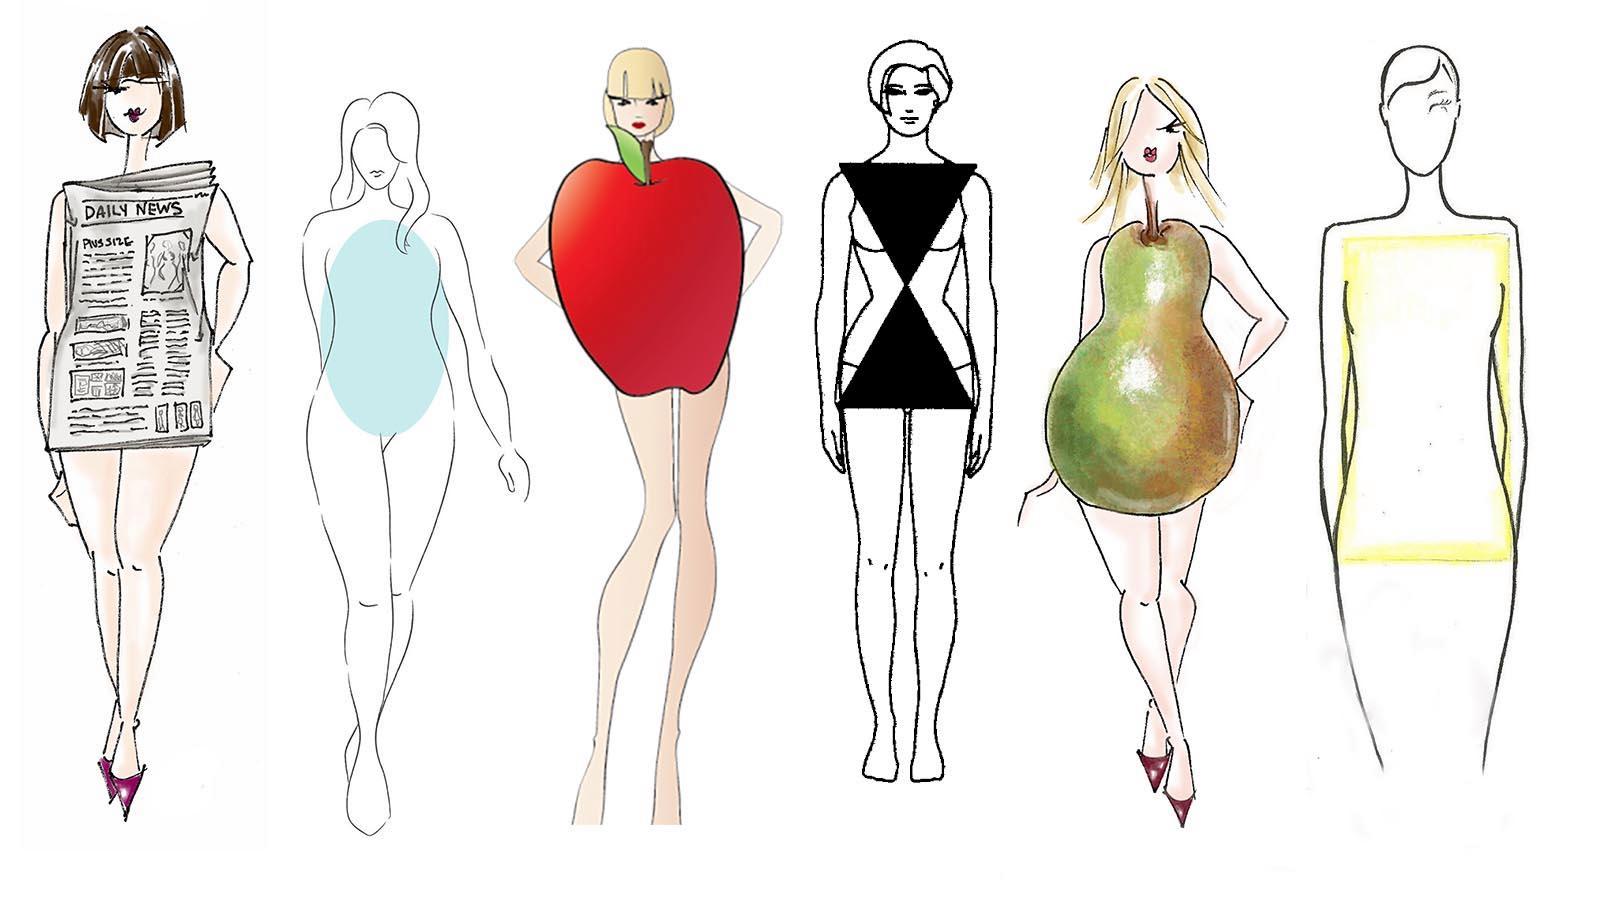 تعرف من شكل الجسم الخاص بك على النظام الغذائي الذي يناسبك